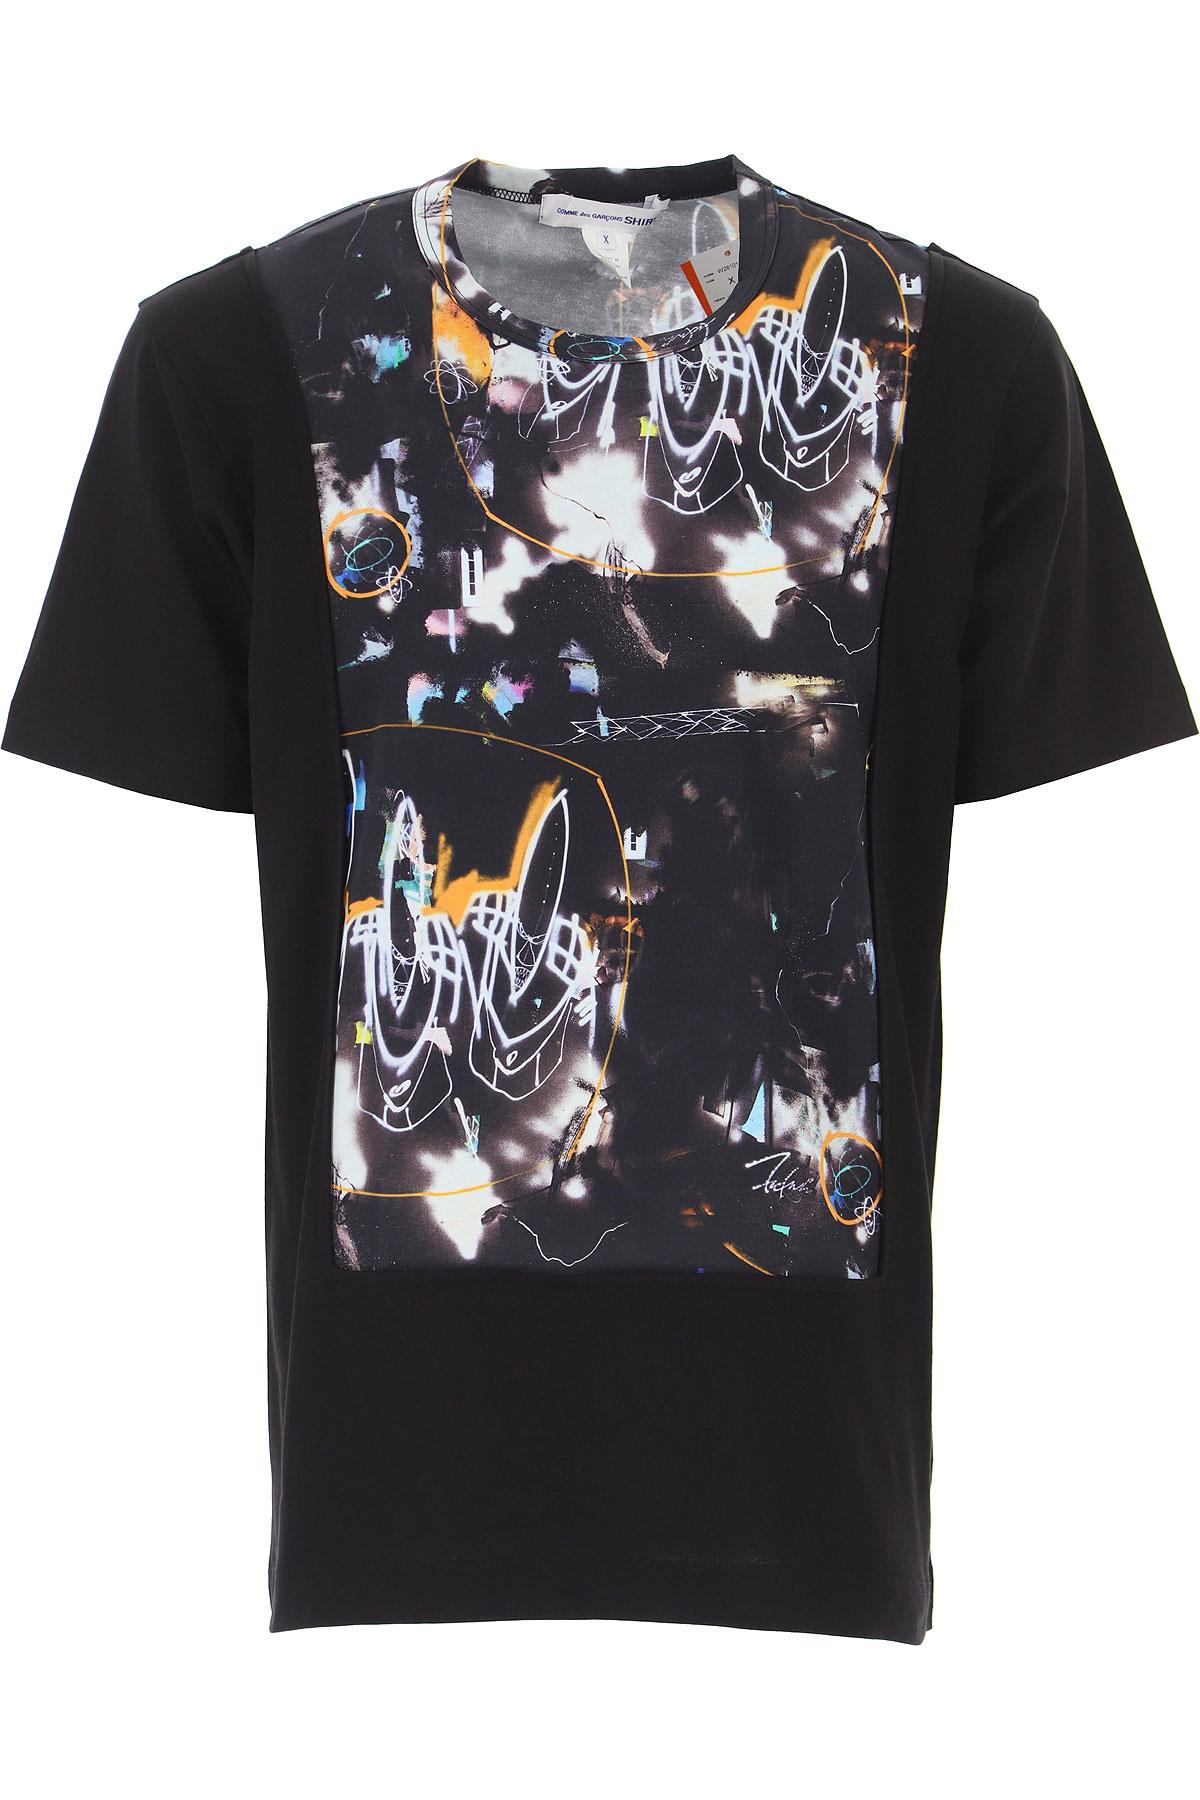 Comme des Garcons T-Shirt for Men On Sale, Black, Cotton, 2019, L S